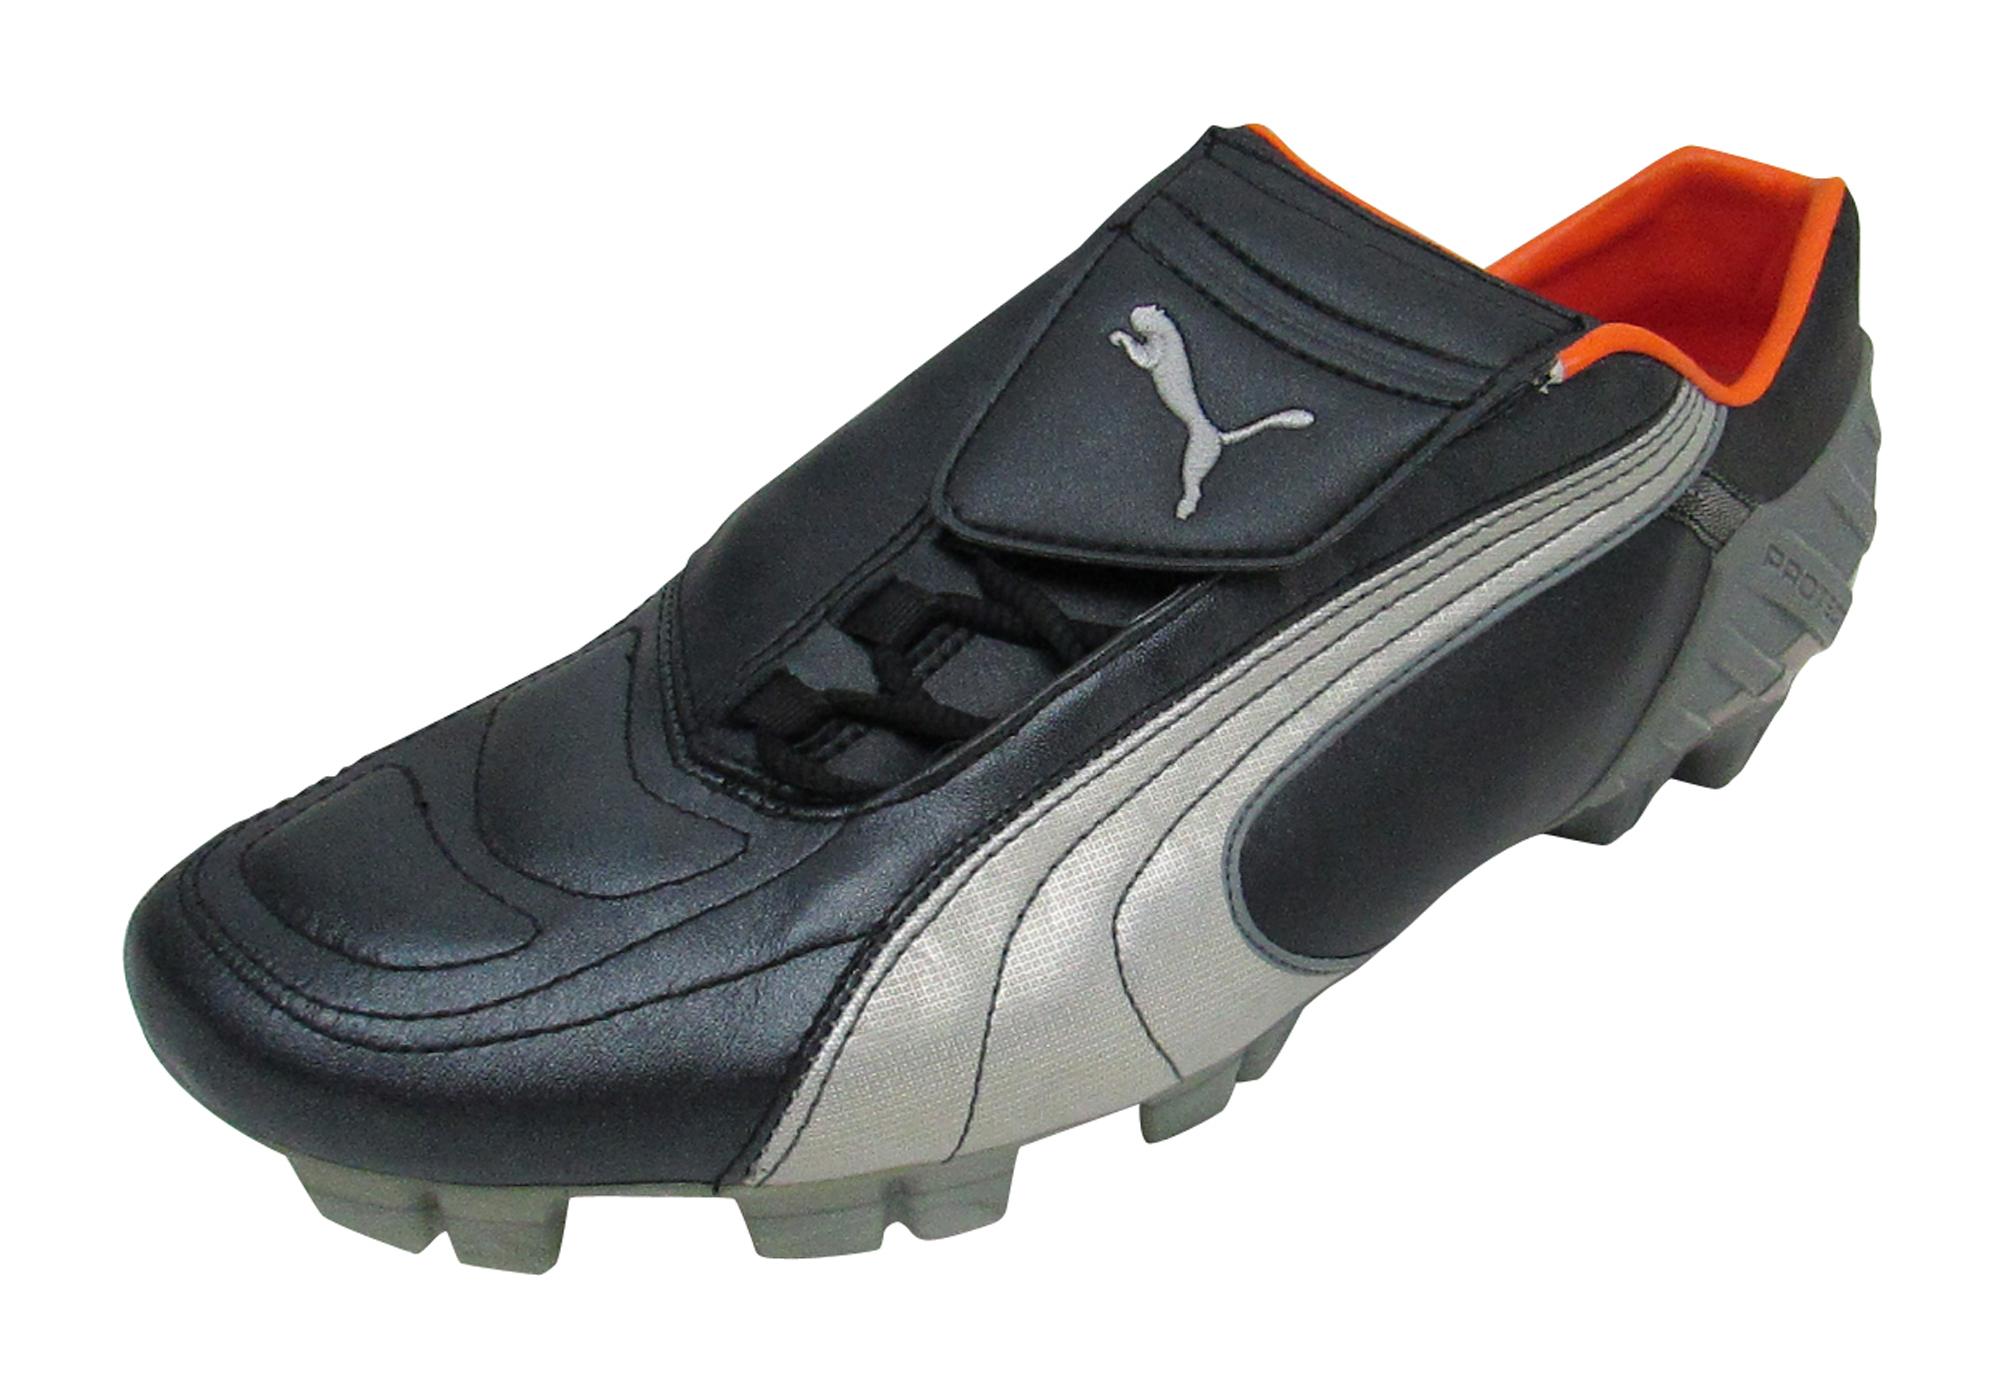 site réputé 925a4 21526 Details about Mens Puma V-Kat GCi FG Football Boots Firm Ground Soccer  Cleats Boot Leather